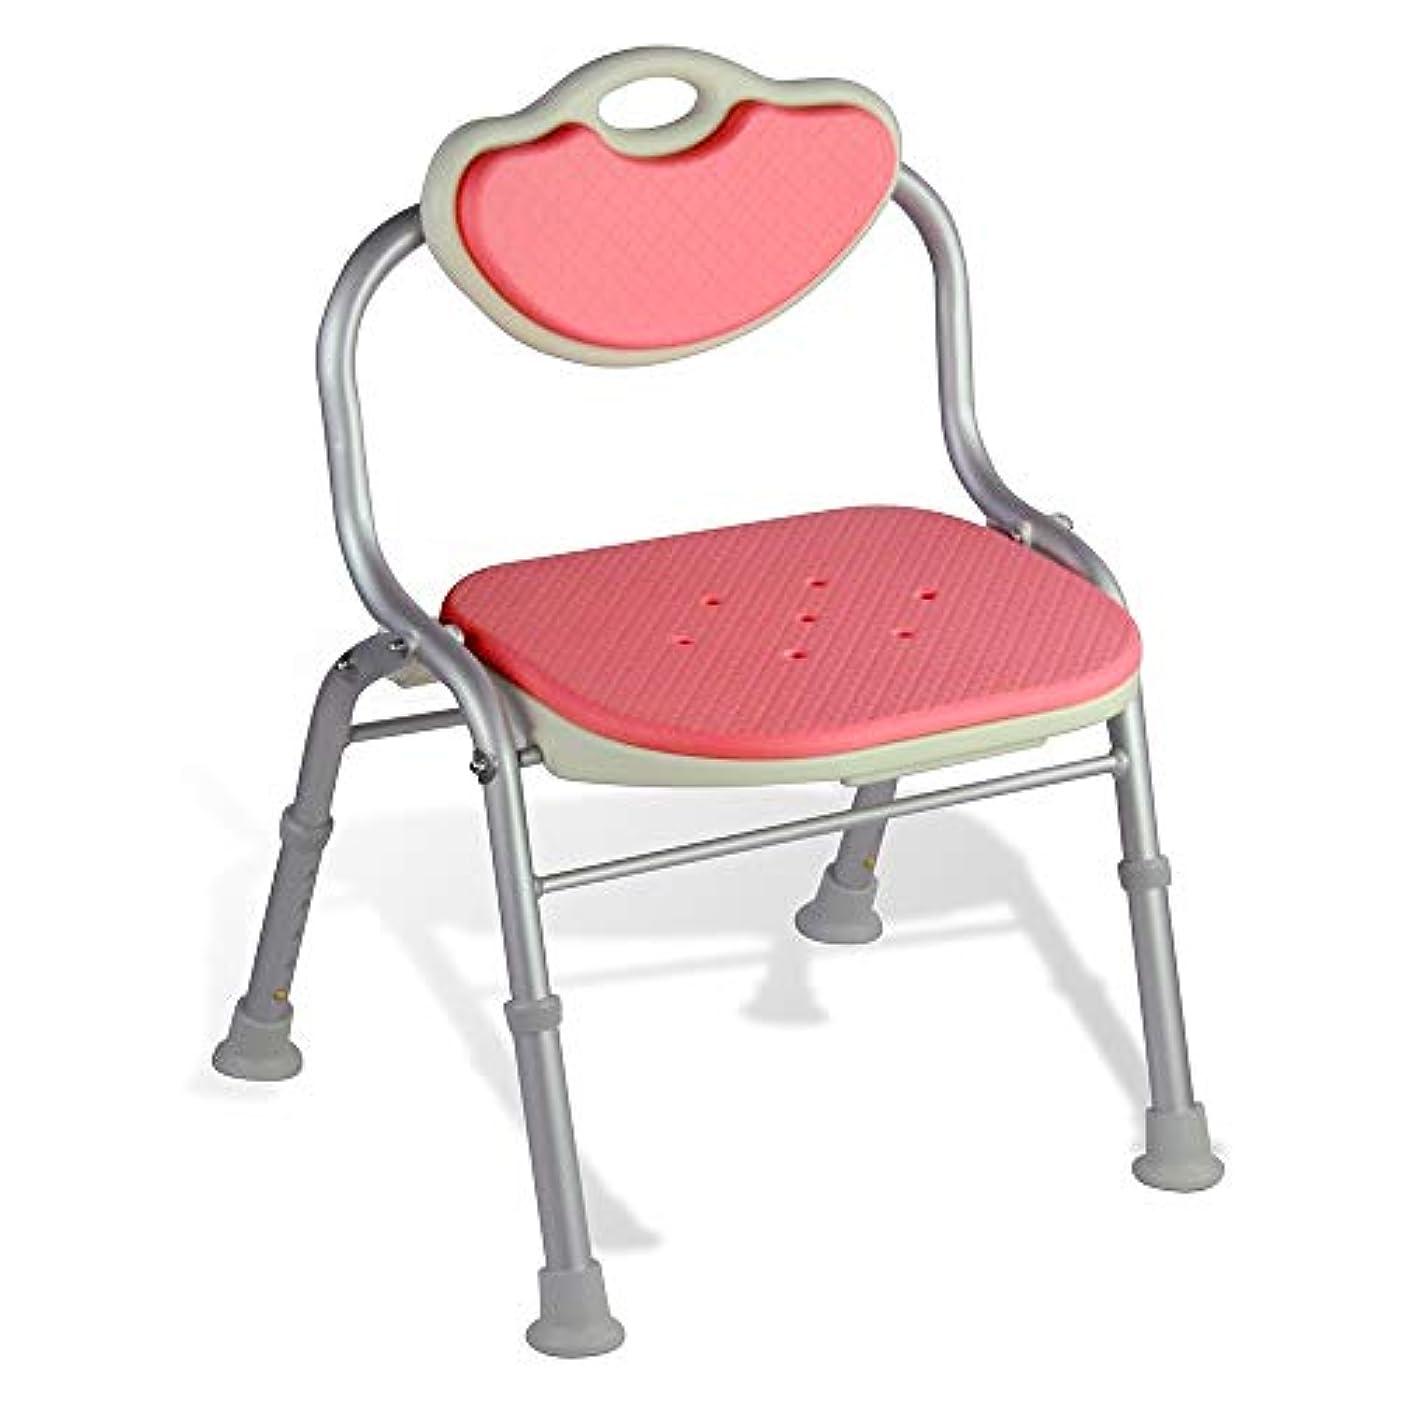 ブレーク階層安価な調節可能なシャワーチェア、背中付き-障害者、障害者、高齢者向けのバスタブチェア (Color : ピンク)